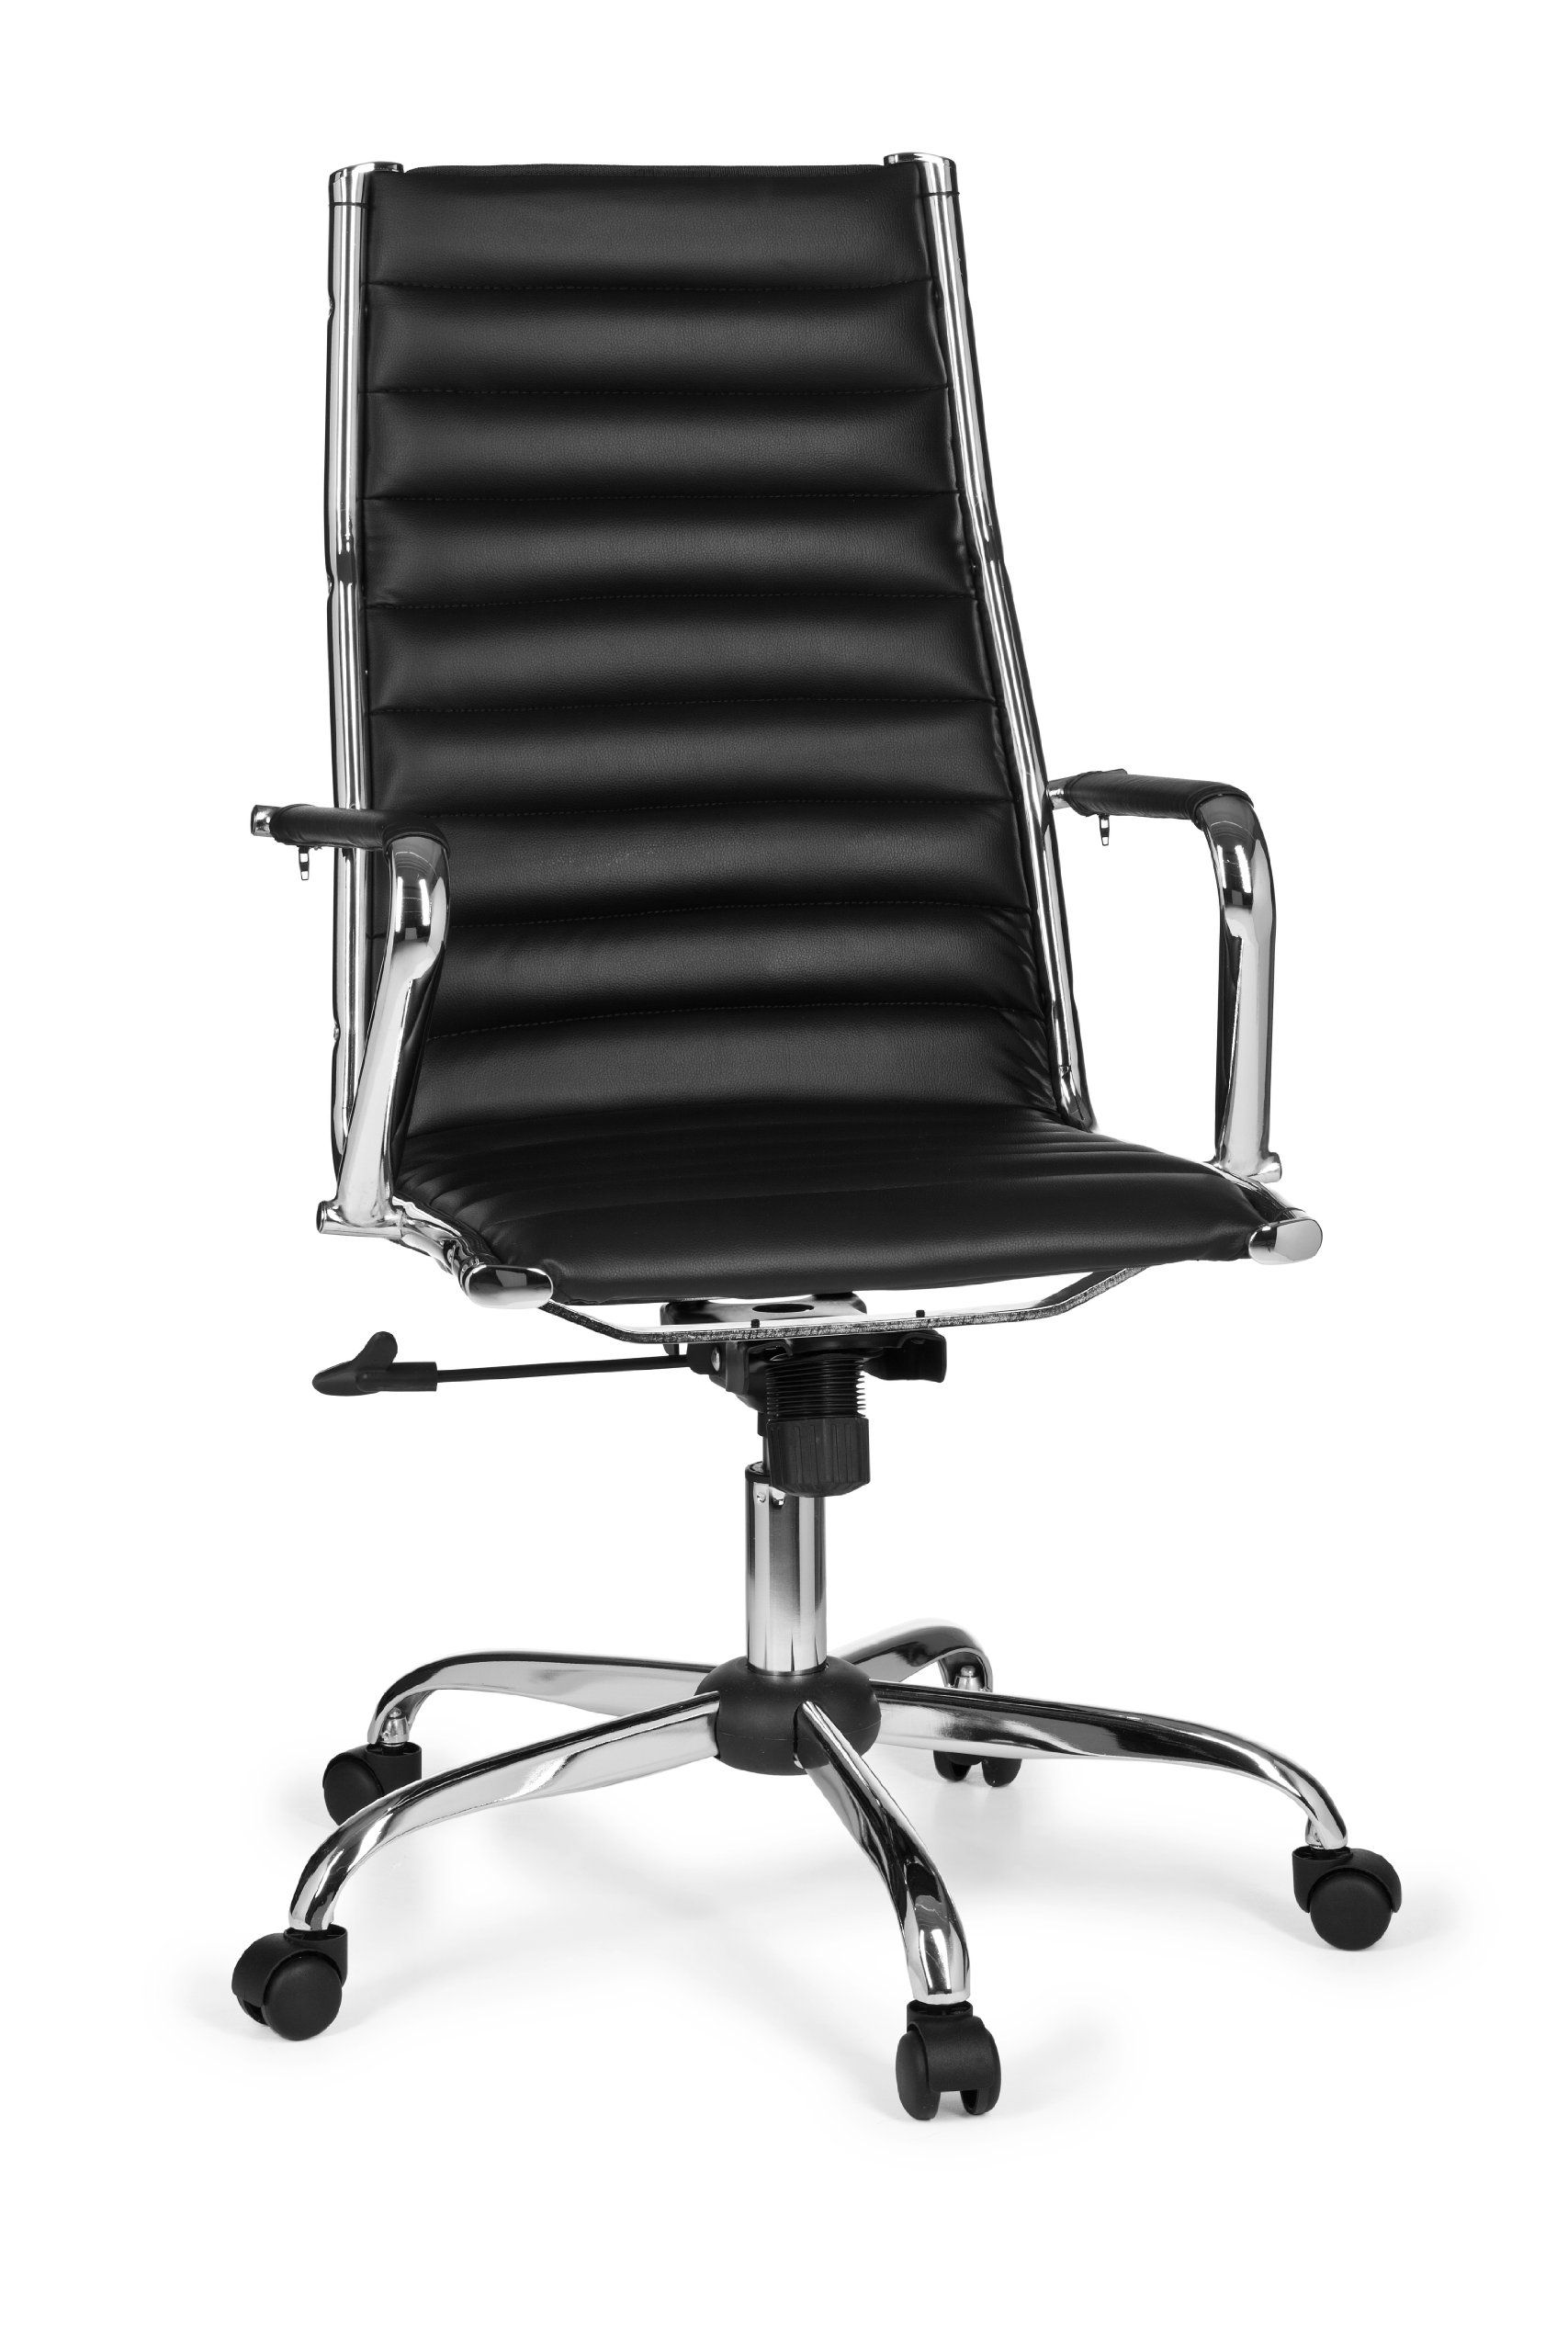 Amstyle Design Klassiker Chefsessel Genf 1, Bürostuhl schwarz